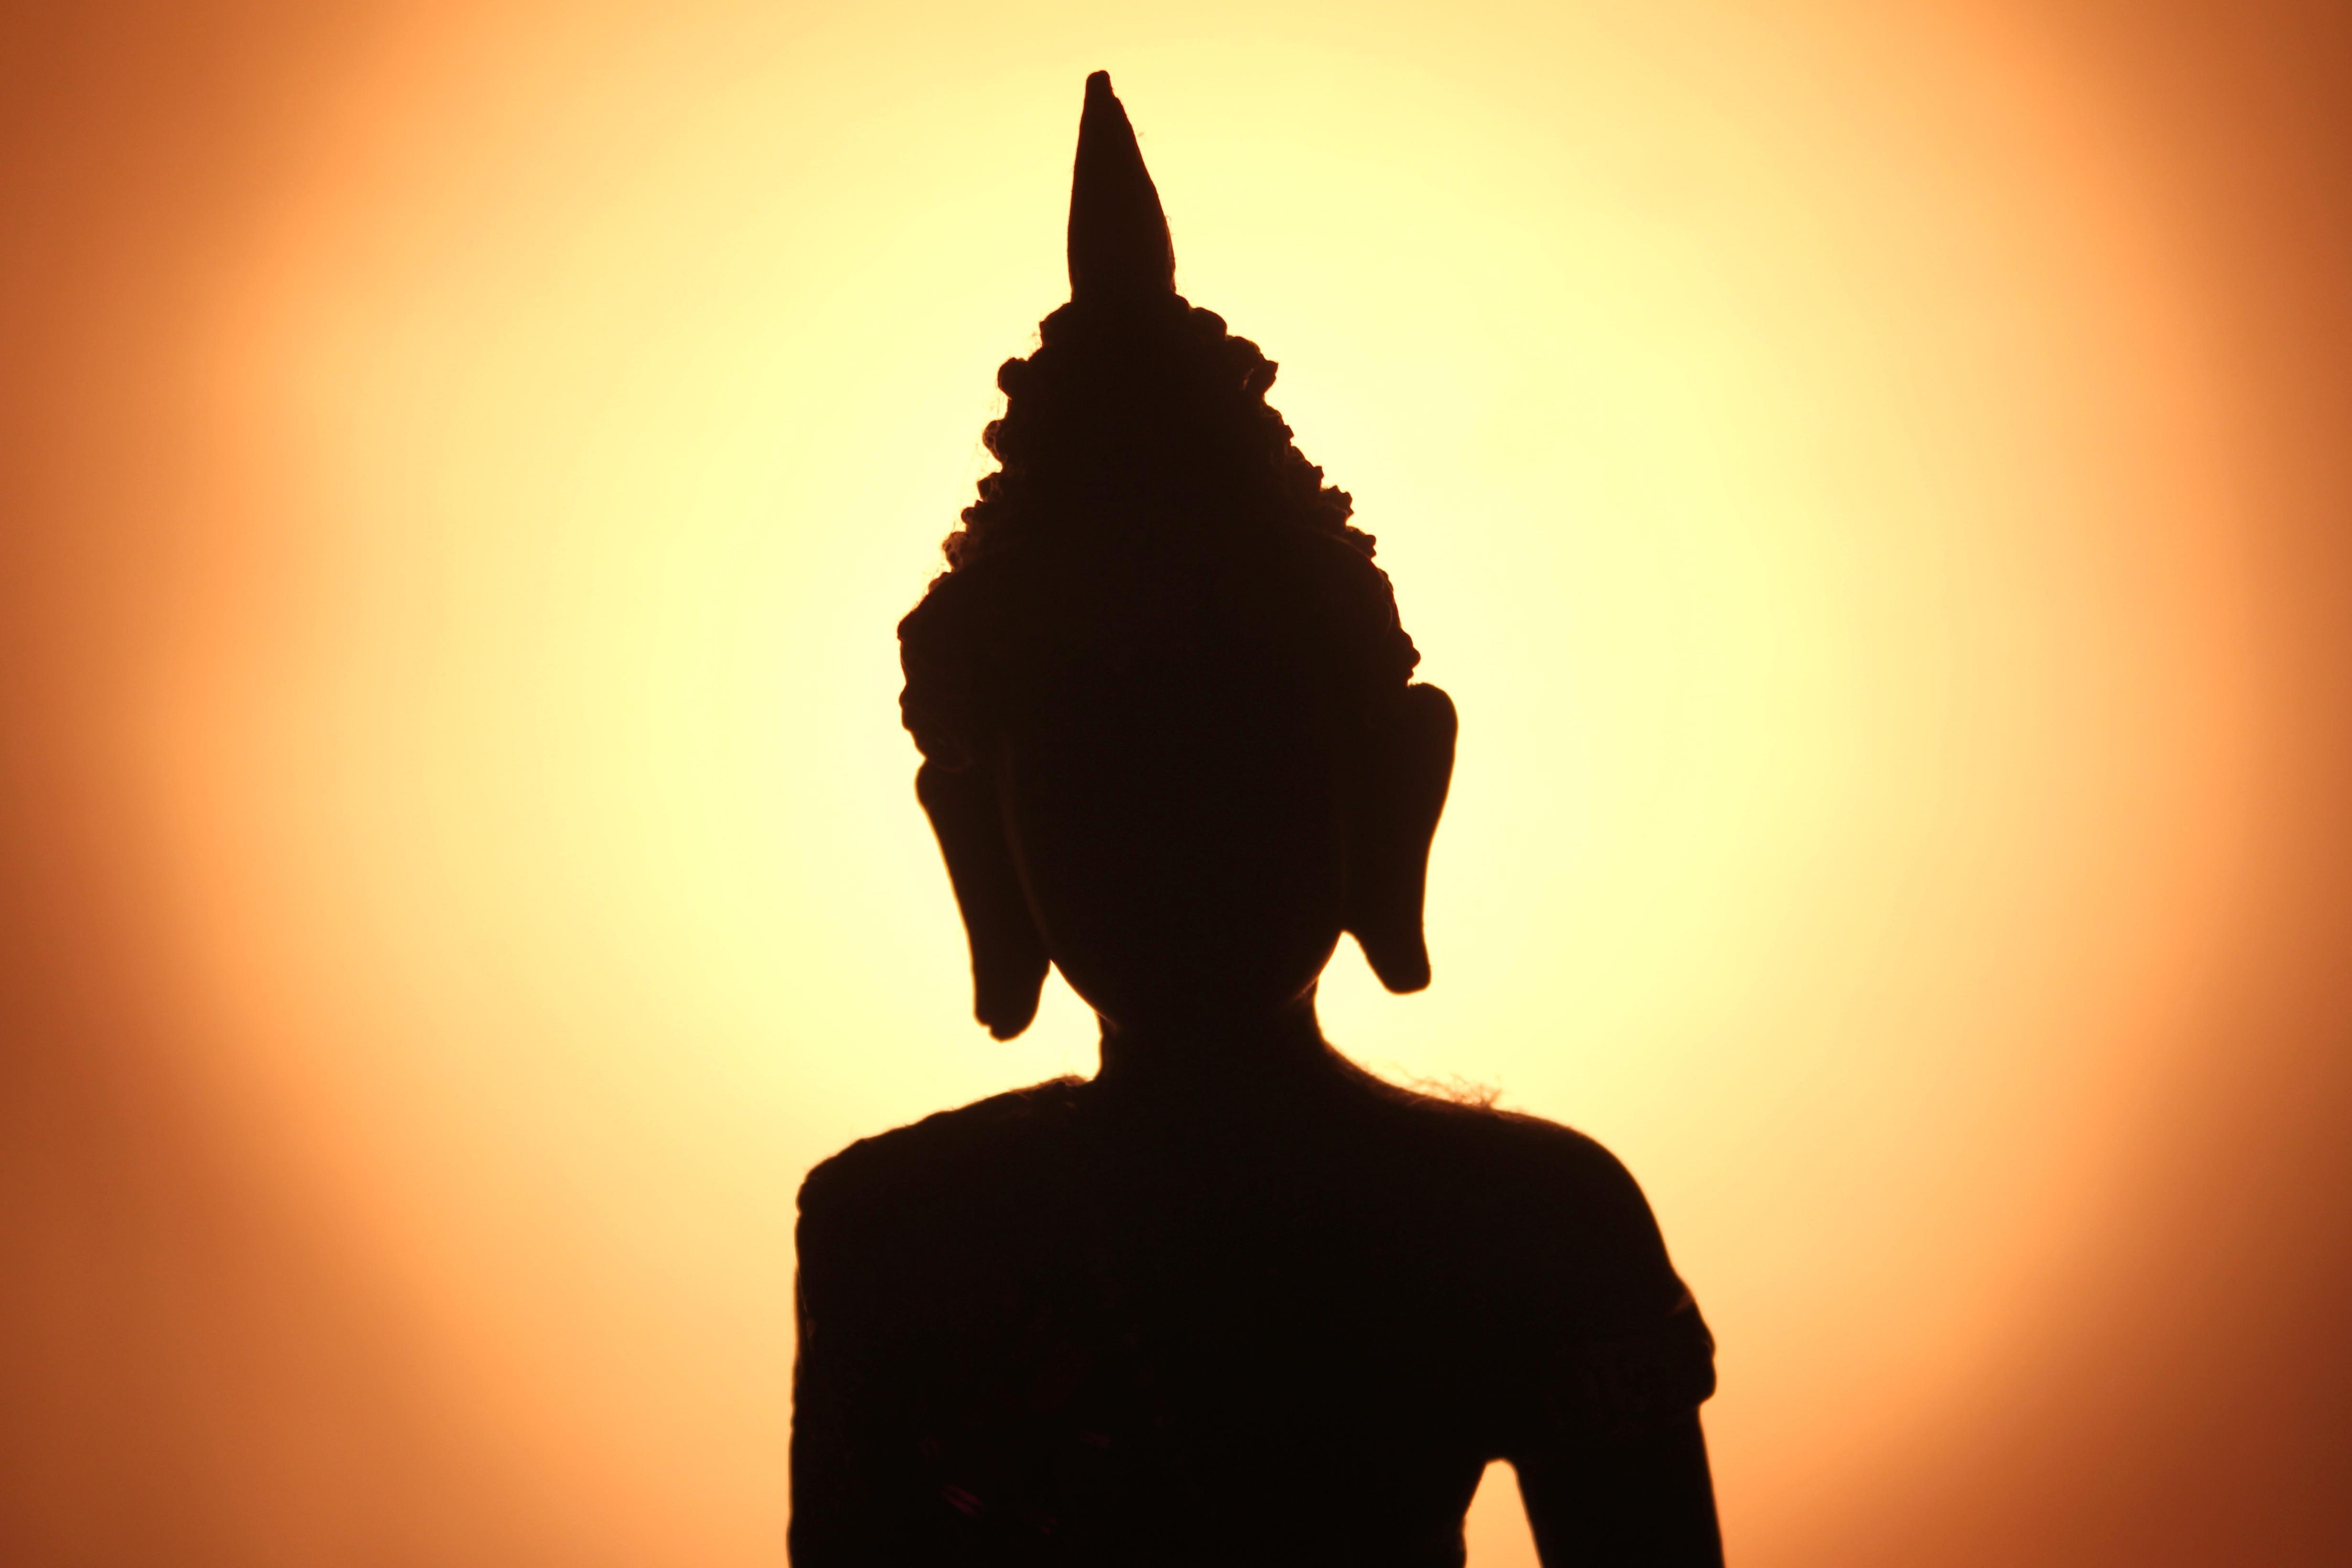 Kostenlose Bild Buddhismus Silhouette Schwarzes Kunst Religion